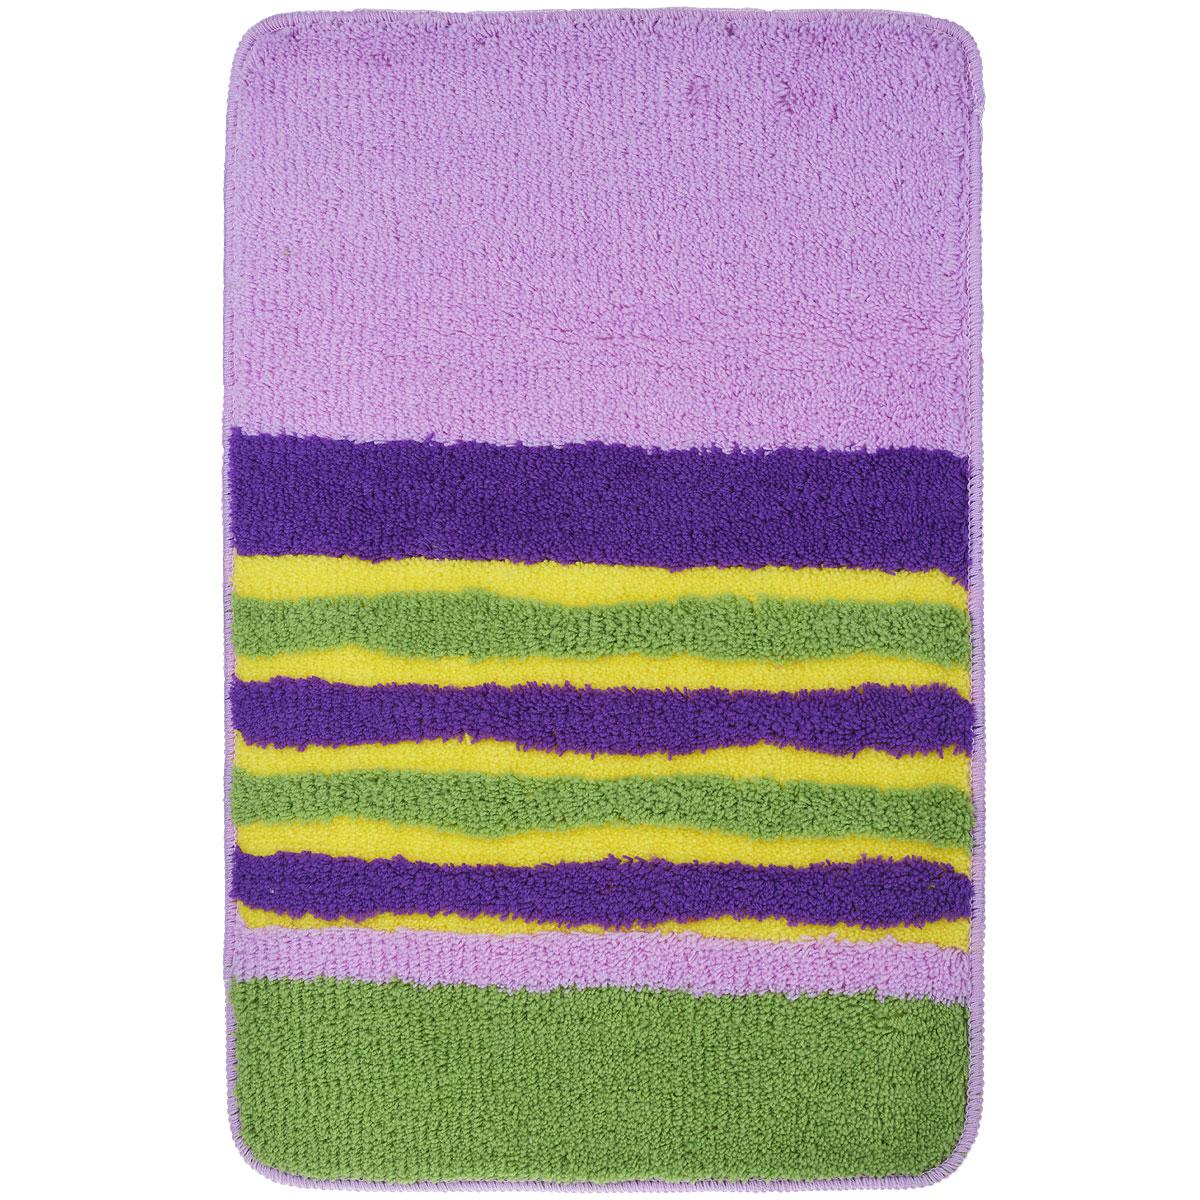 Коврик для ванной комнаты Fresh Code, цвет: сиреневый с полосками, 80 см х 50 см54930Коврик для ванной Fresh Code изготовлен из 100% акрила с латексной основой. Коврик, украшенный ярким цветным рисунком, создаст уют и комфорт в ванной комнате. Длинный ворс мягко соприкасается с кожей стоп, вызывая только приятные ощущения. Рекомендации по уходу: - стирать в ручном режиме, - не использовать отбеливатели, - не гладить,- не подходит для сухой чистки (химчистки).